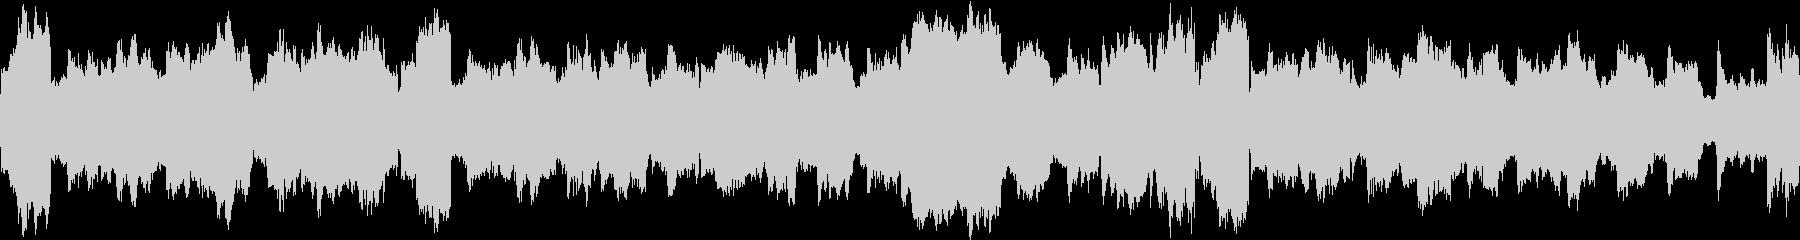 弦楽器ループ音源(和風でしんみり)の未再生の波形